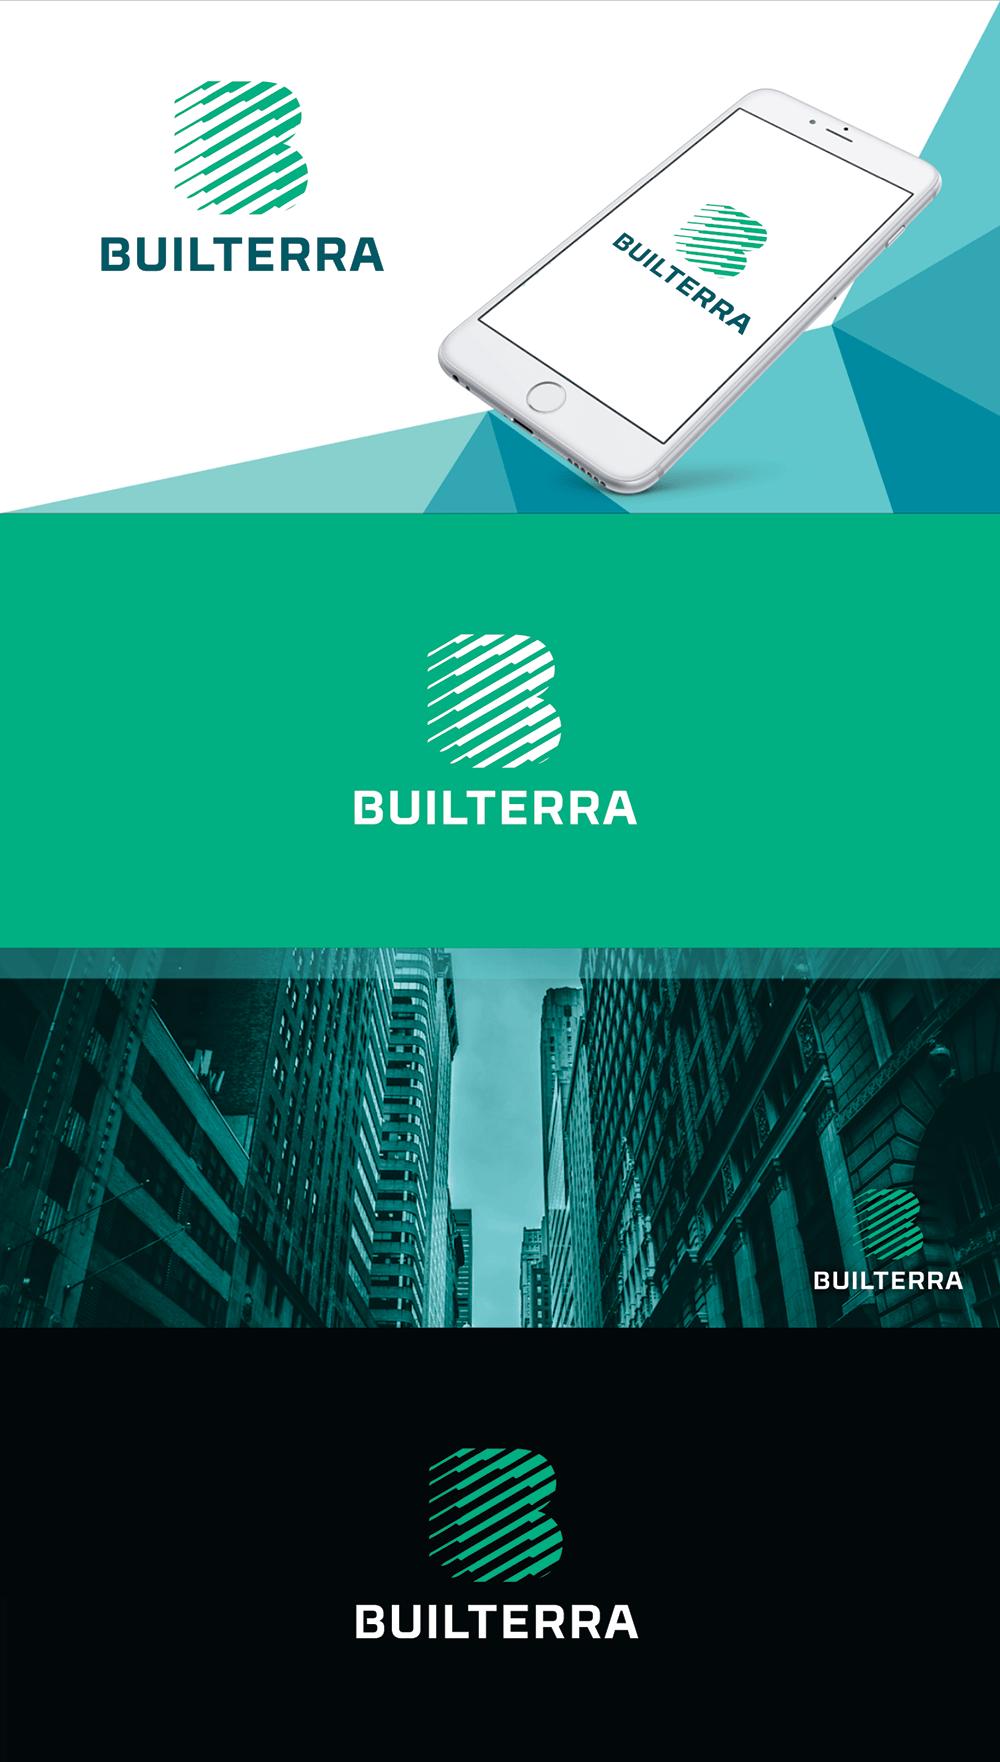 logo-design-portfolio-builterra4